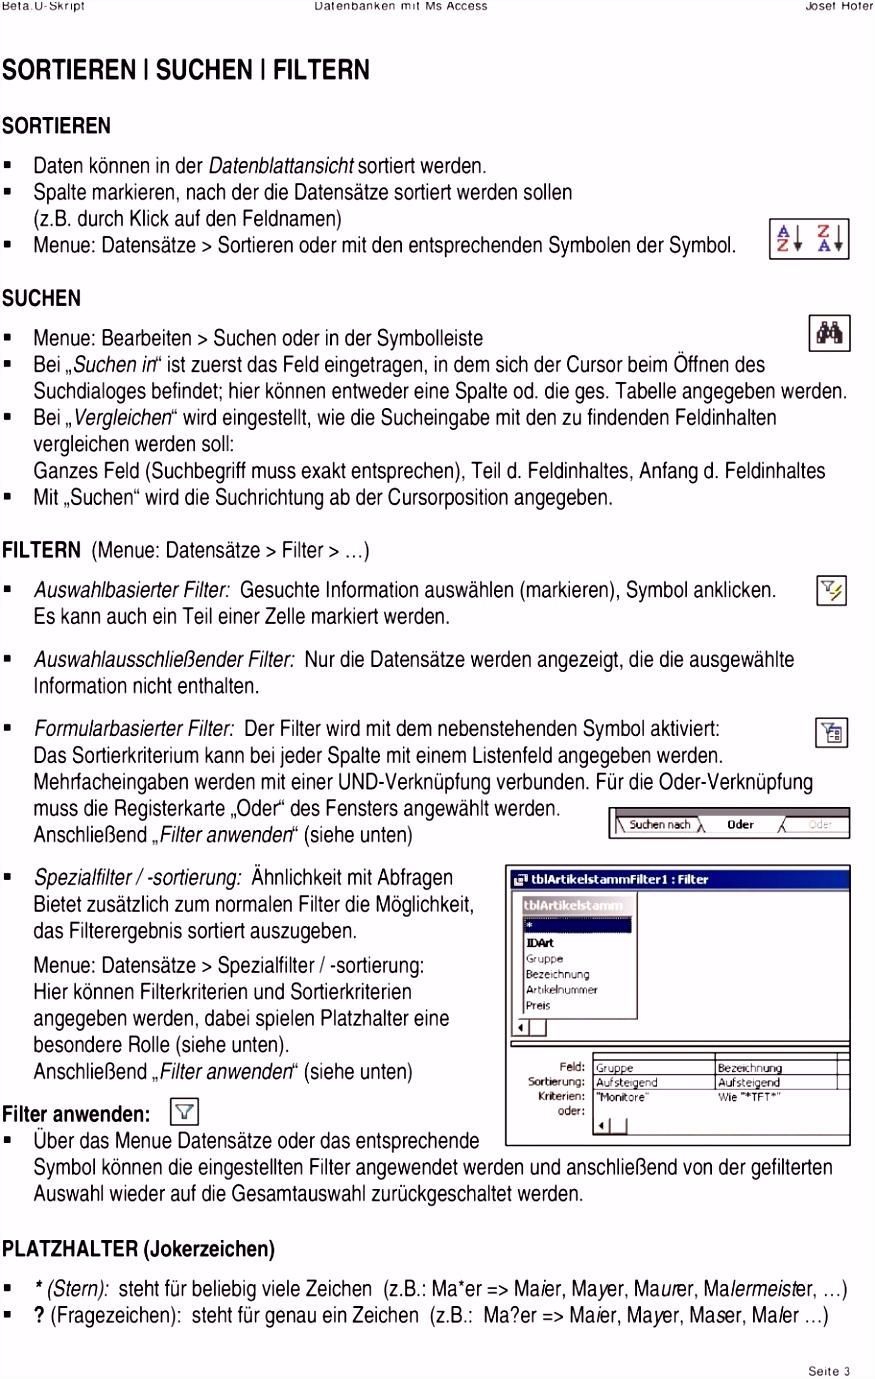 Access Kundendatenbank Vorlage Inspirierend Beta U Skript